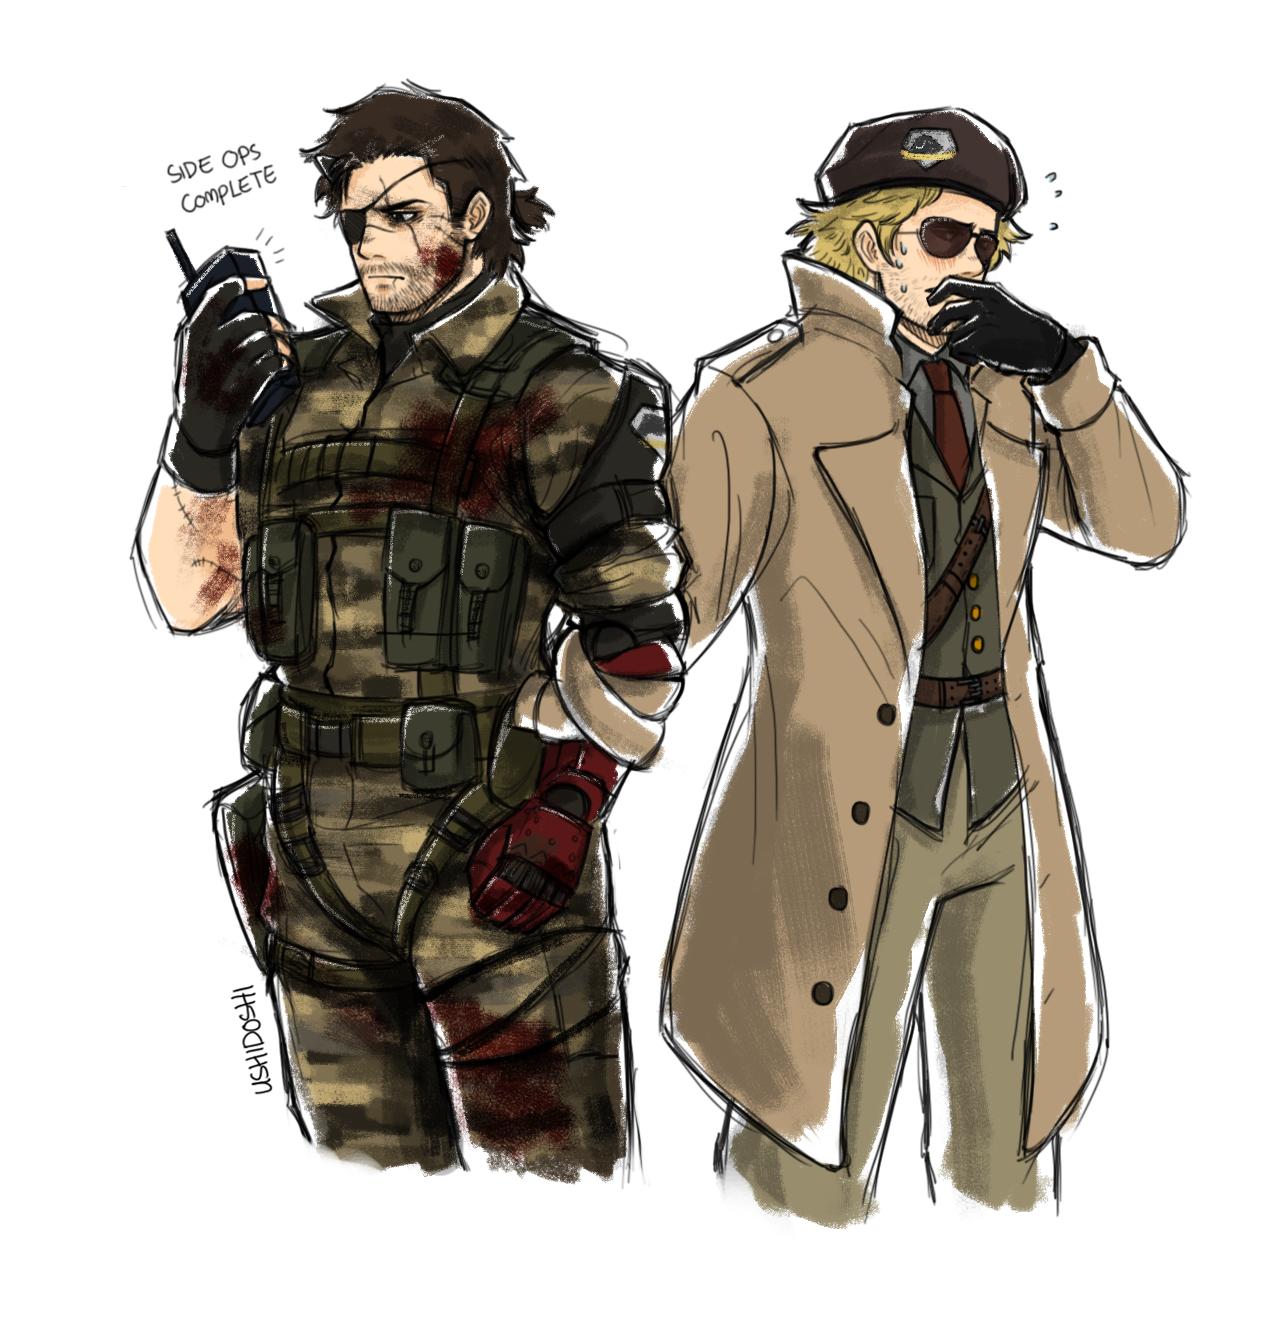 Metal Gear Solid Big Boss Tumblr Metal Gear Series Metal Gear Metal Gear Solid Series